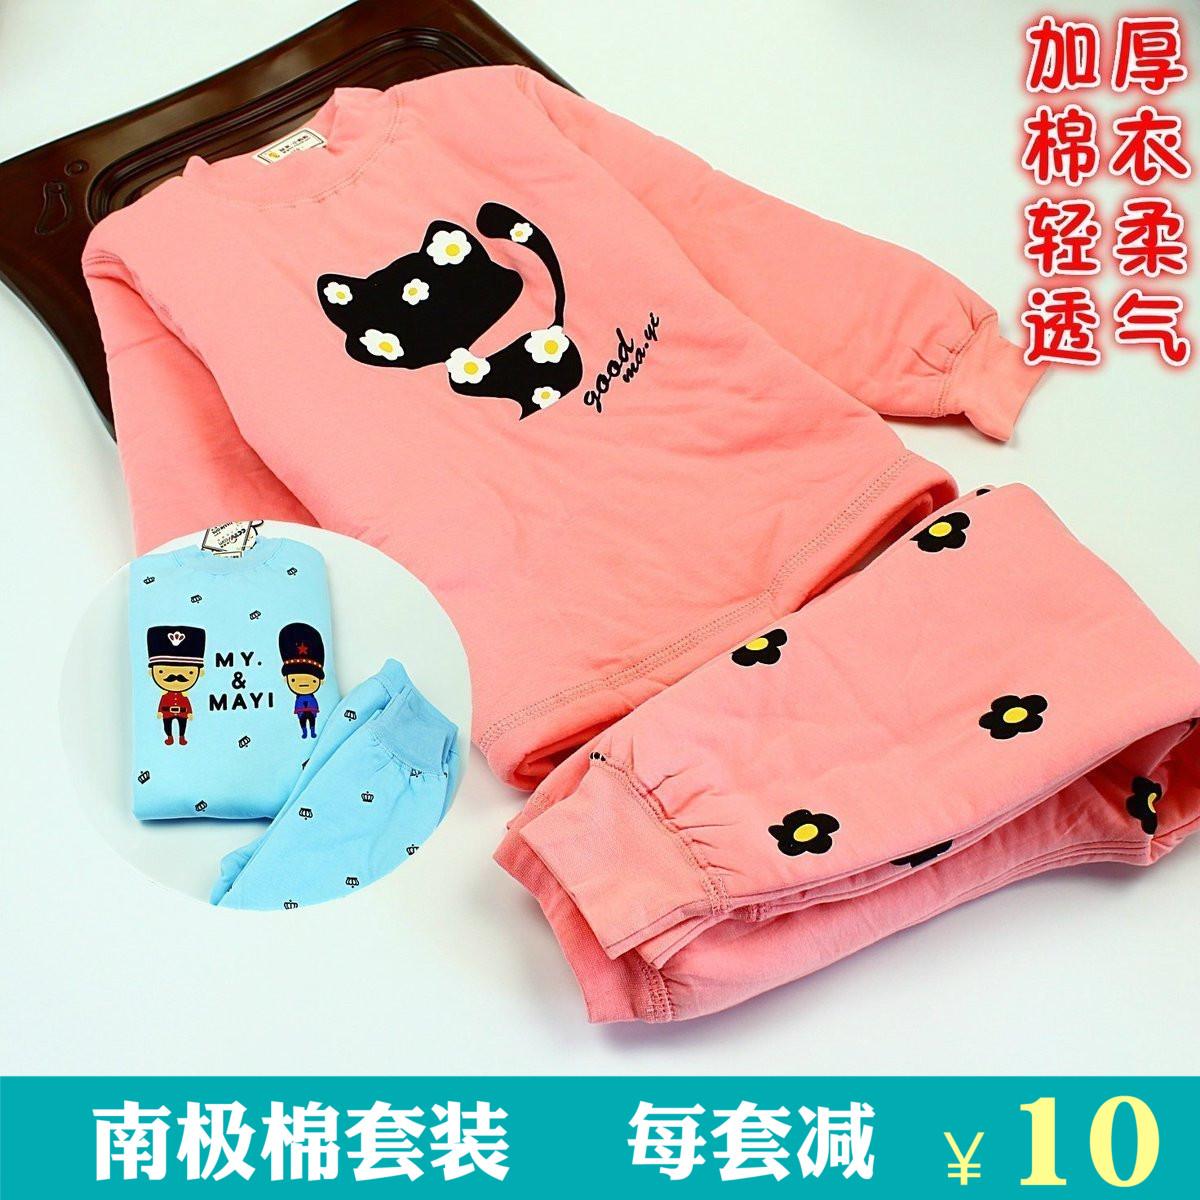 冬小蚂蚁儿童内衣套装男女童装加厚益友小蚂蚁保暖夹棉南极棉衣裤